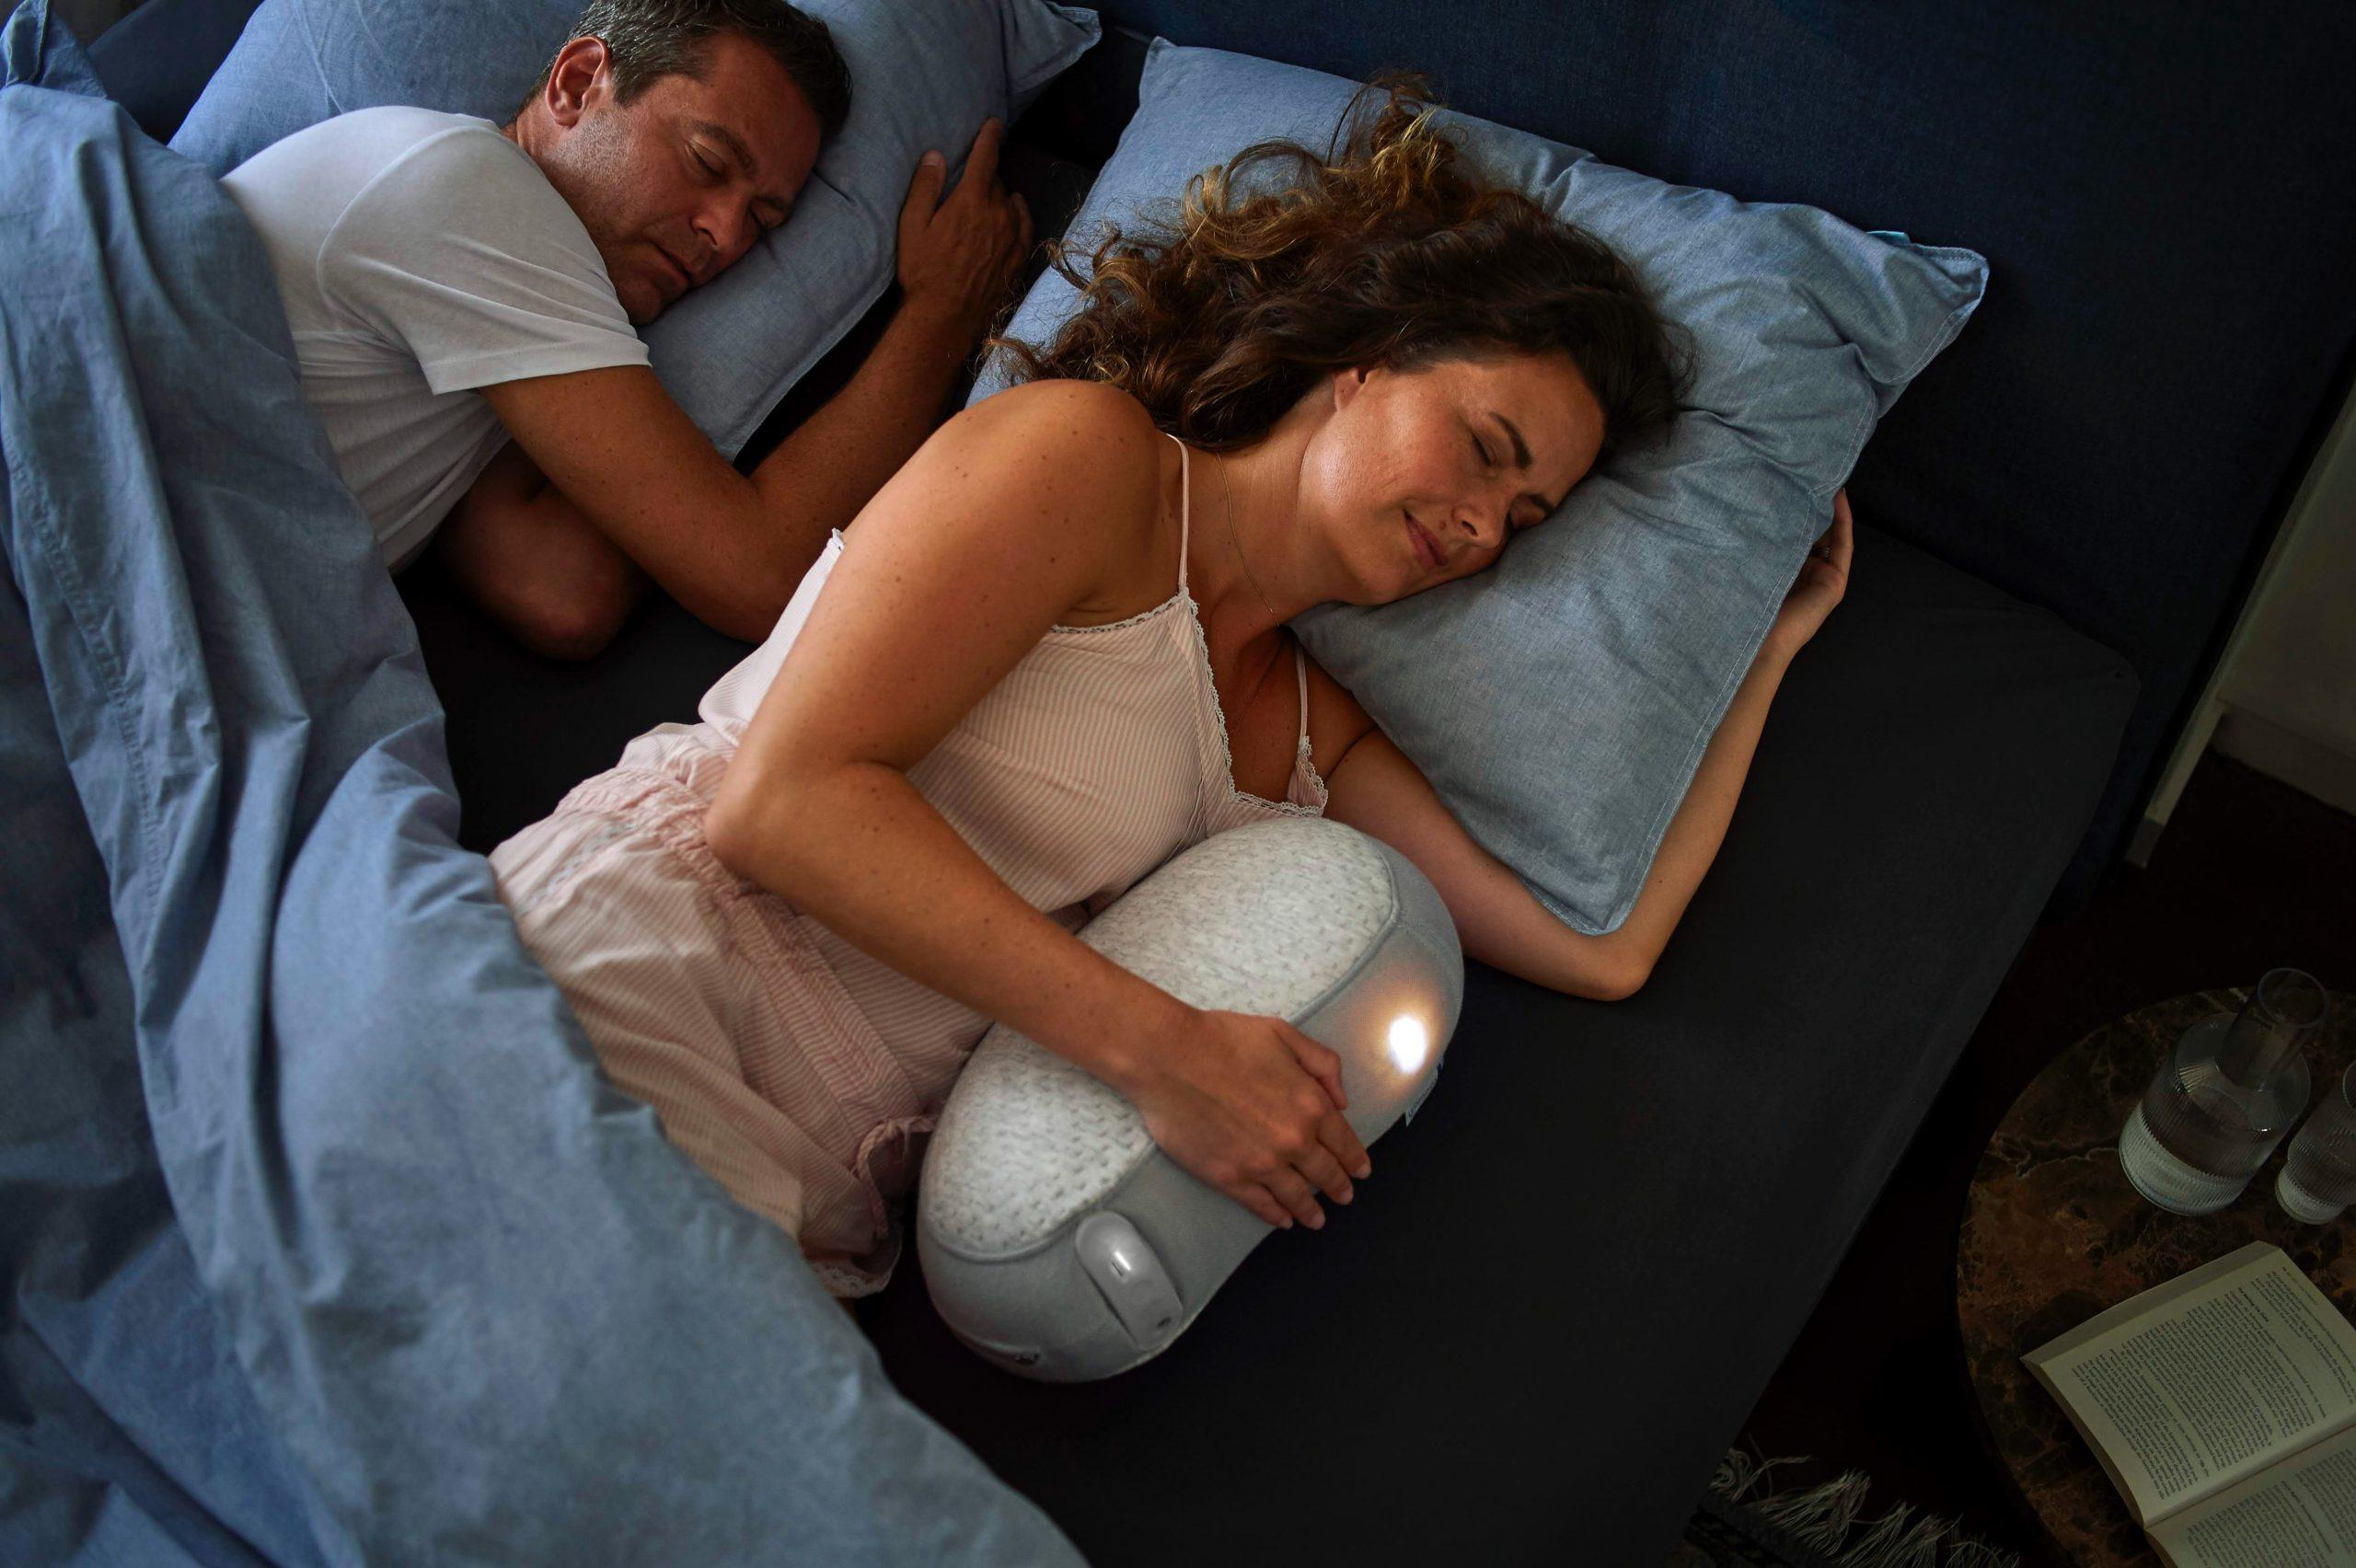 Goede nachtrust van essentieel belang tijdens coronacrisis